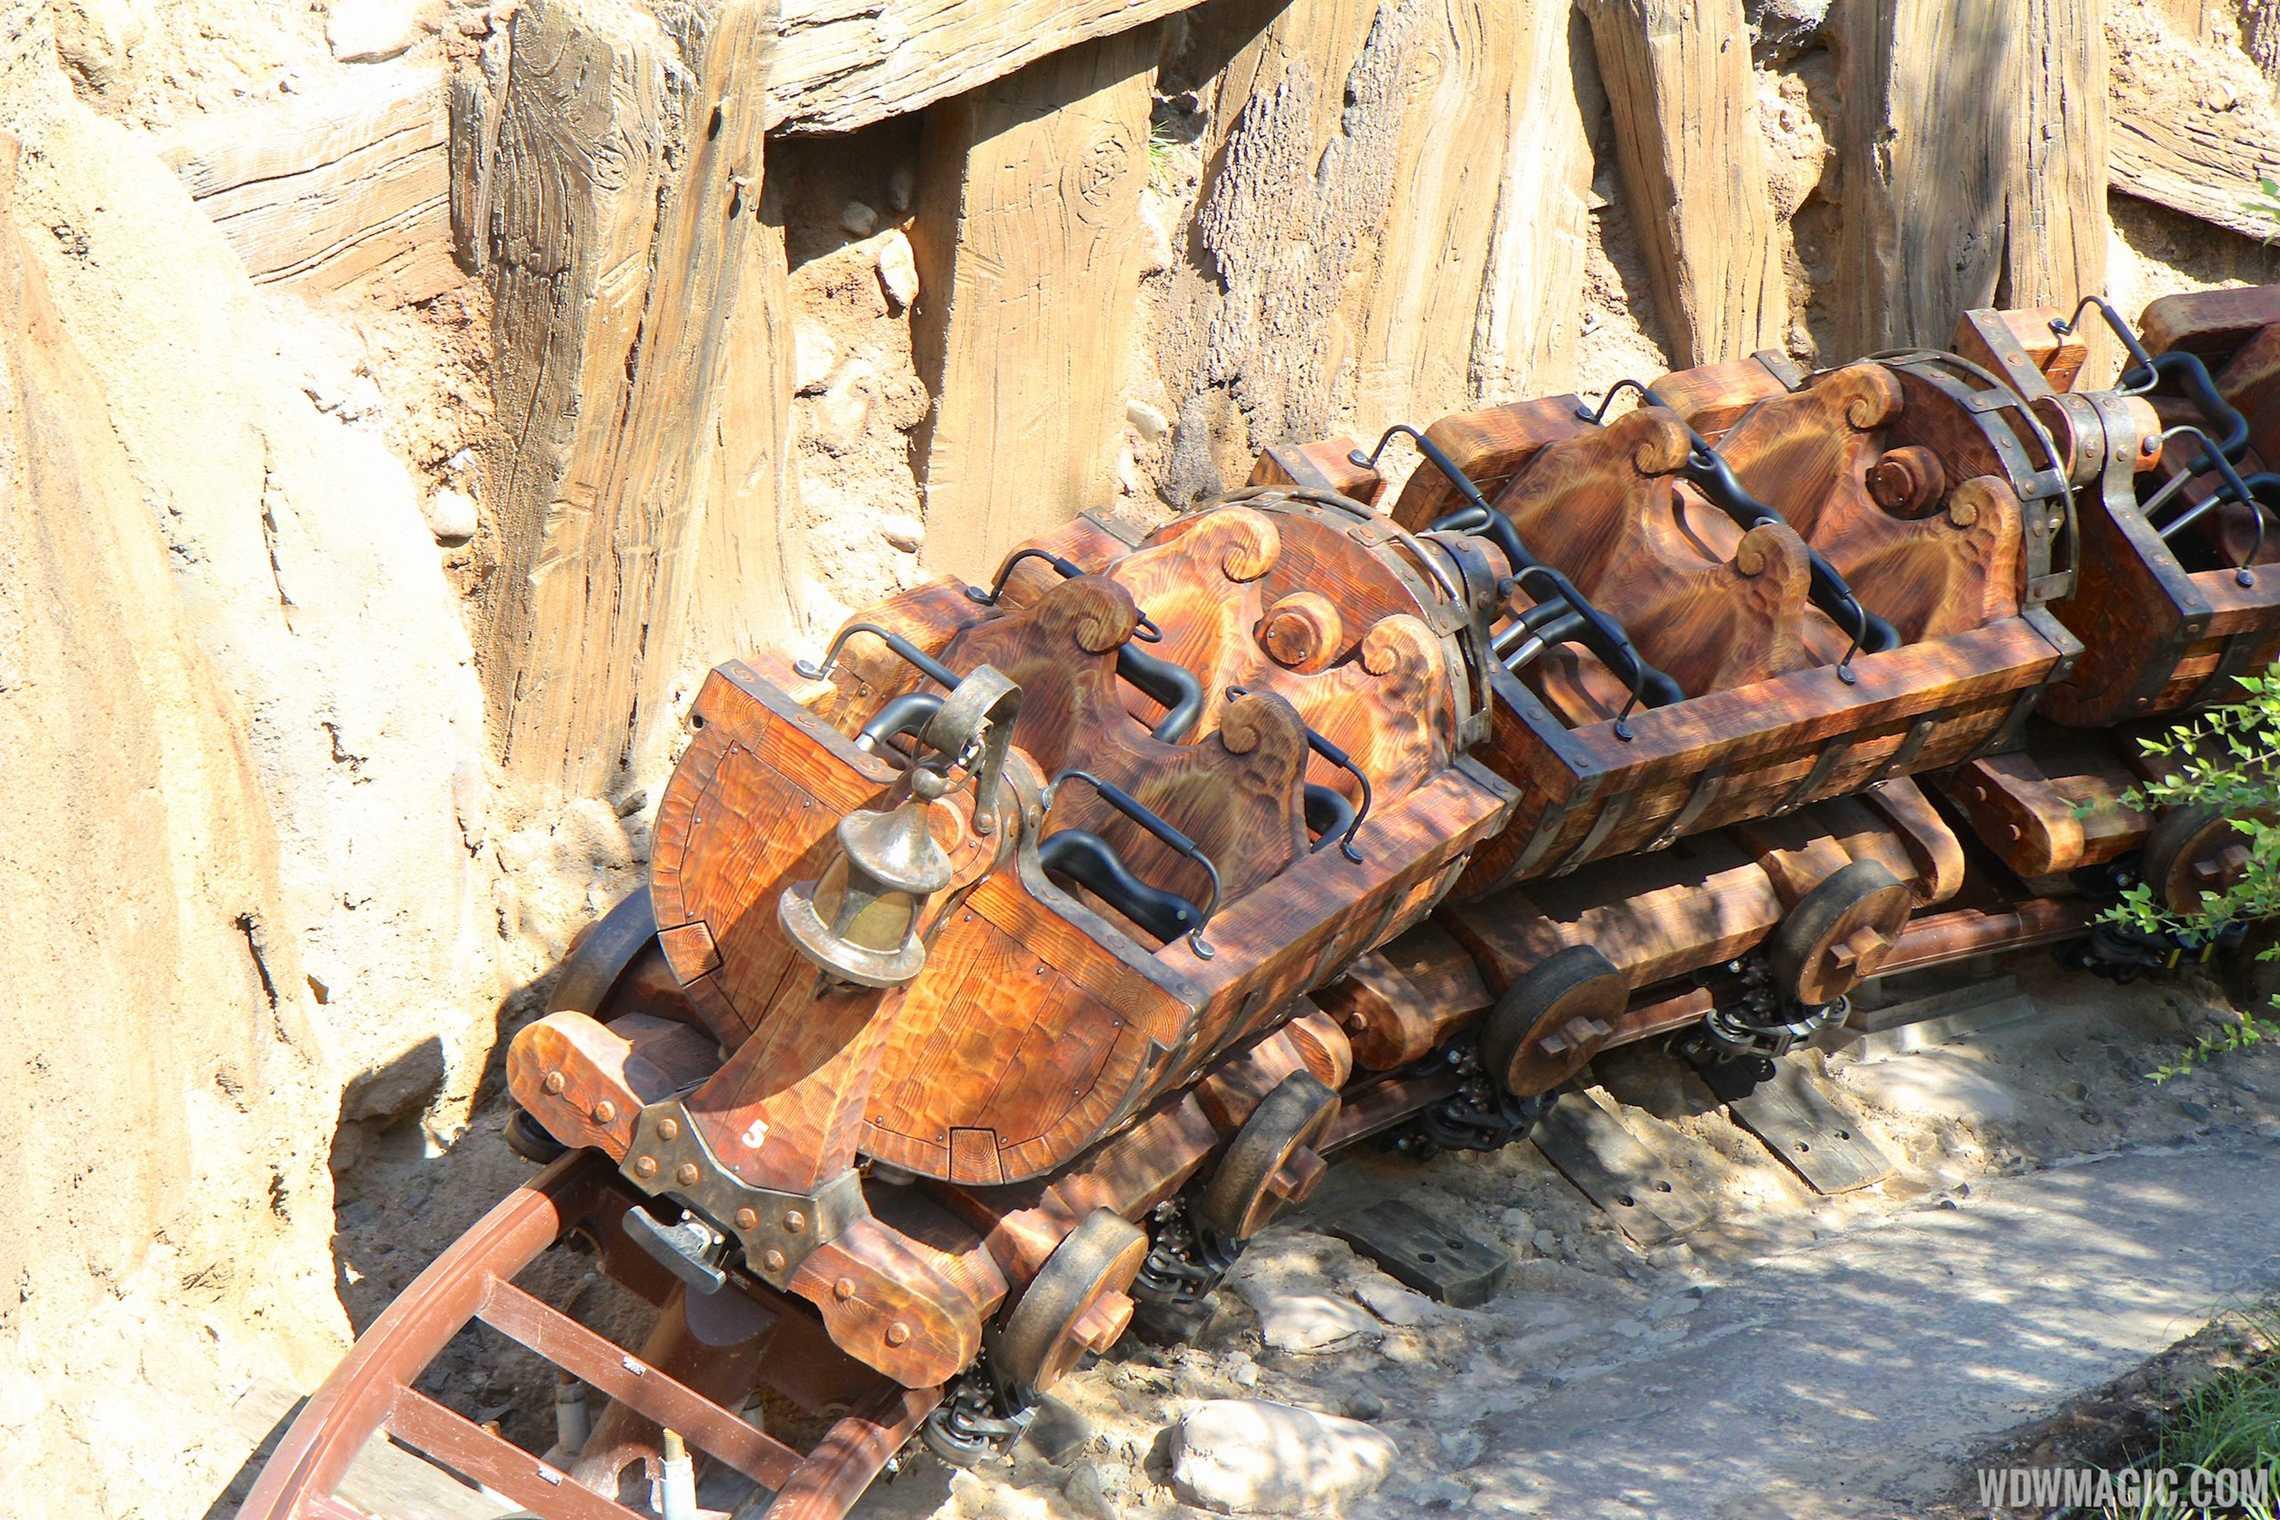 Seven Dwarfs Mine Train car